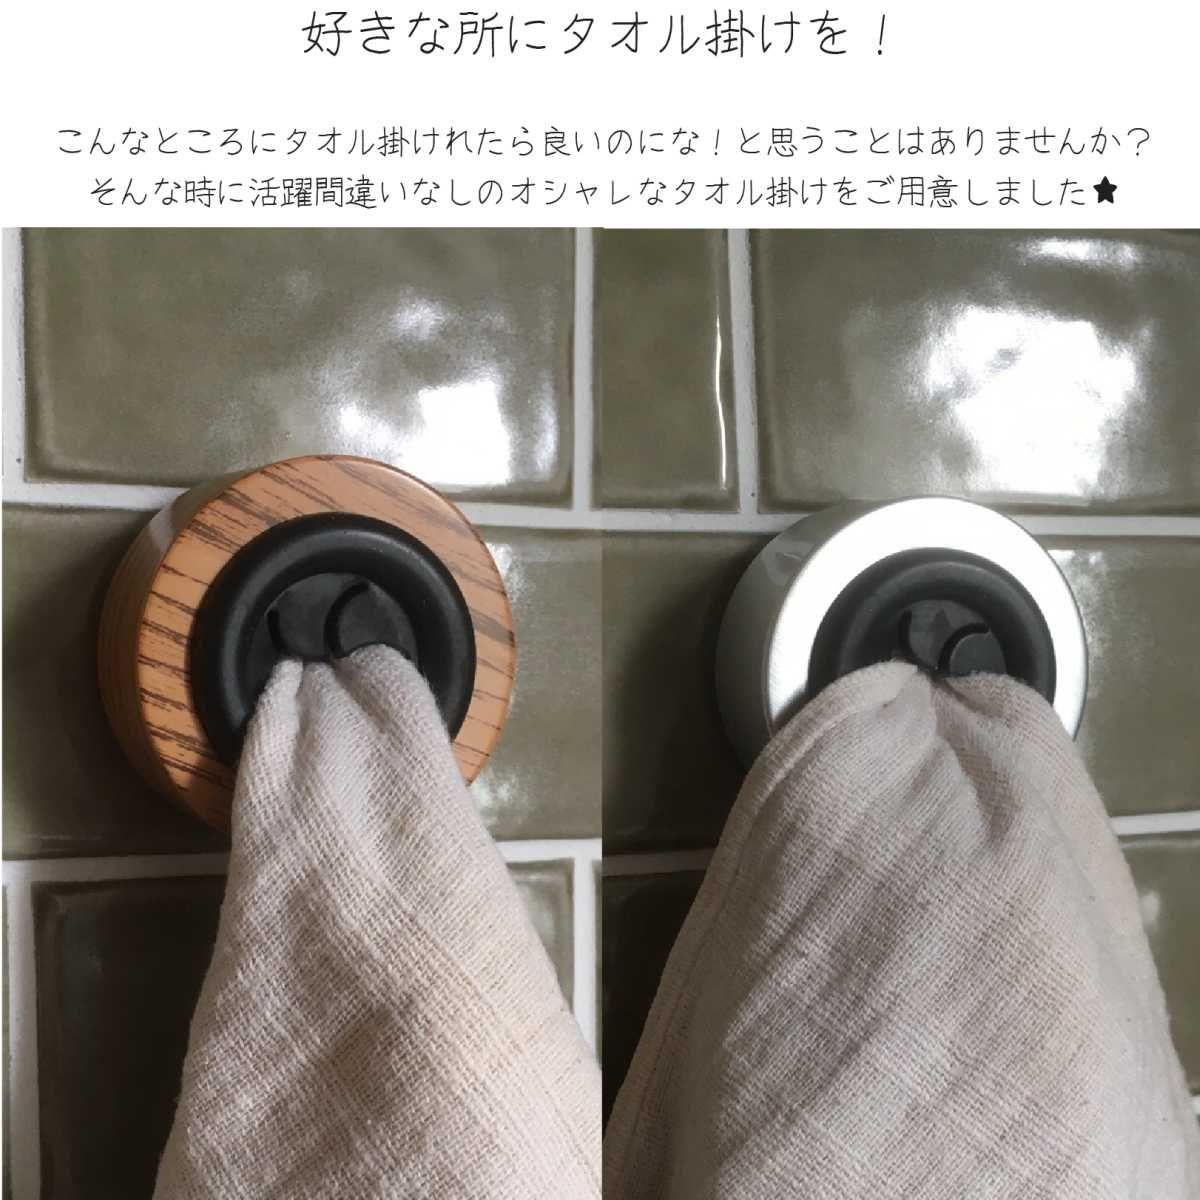 楽天市場 吸盤タイプ コンパクトでおしゃれ Hooking Towel Holder